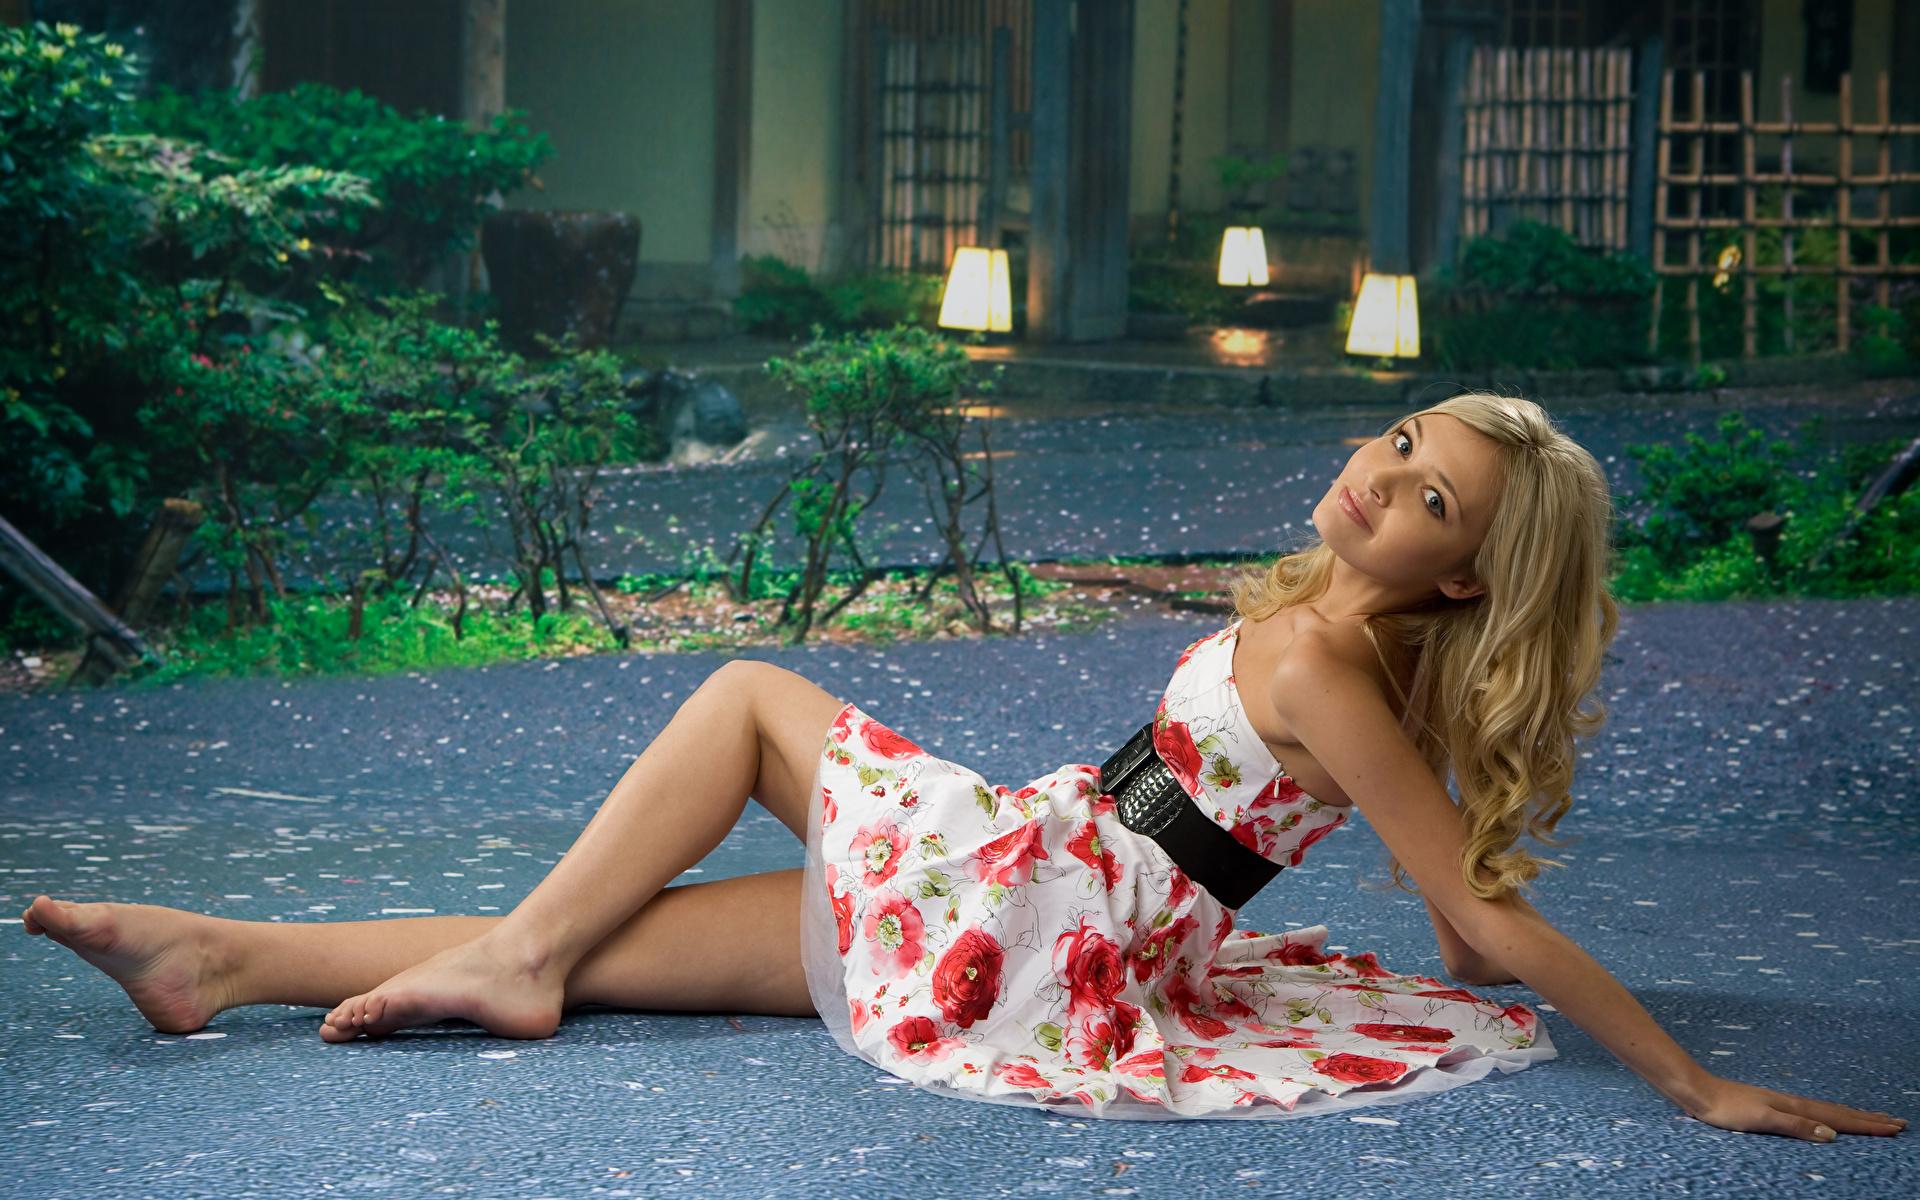 Foto Blondine posiert Mädchens Bein Hand Kleid 1920x1200 Blond Mädchen Pose junge frau junge Frauen